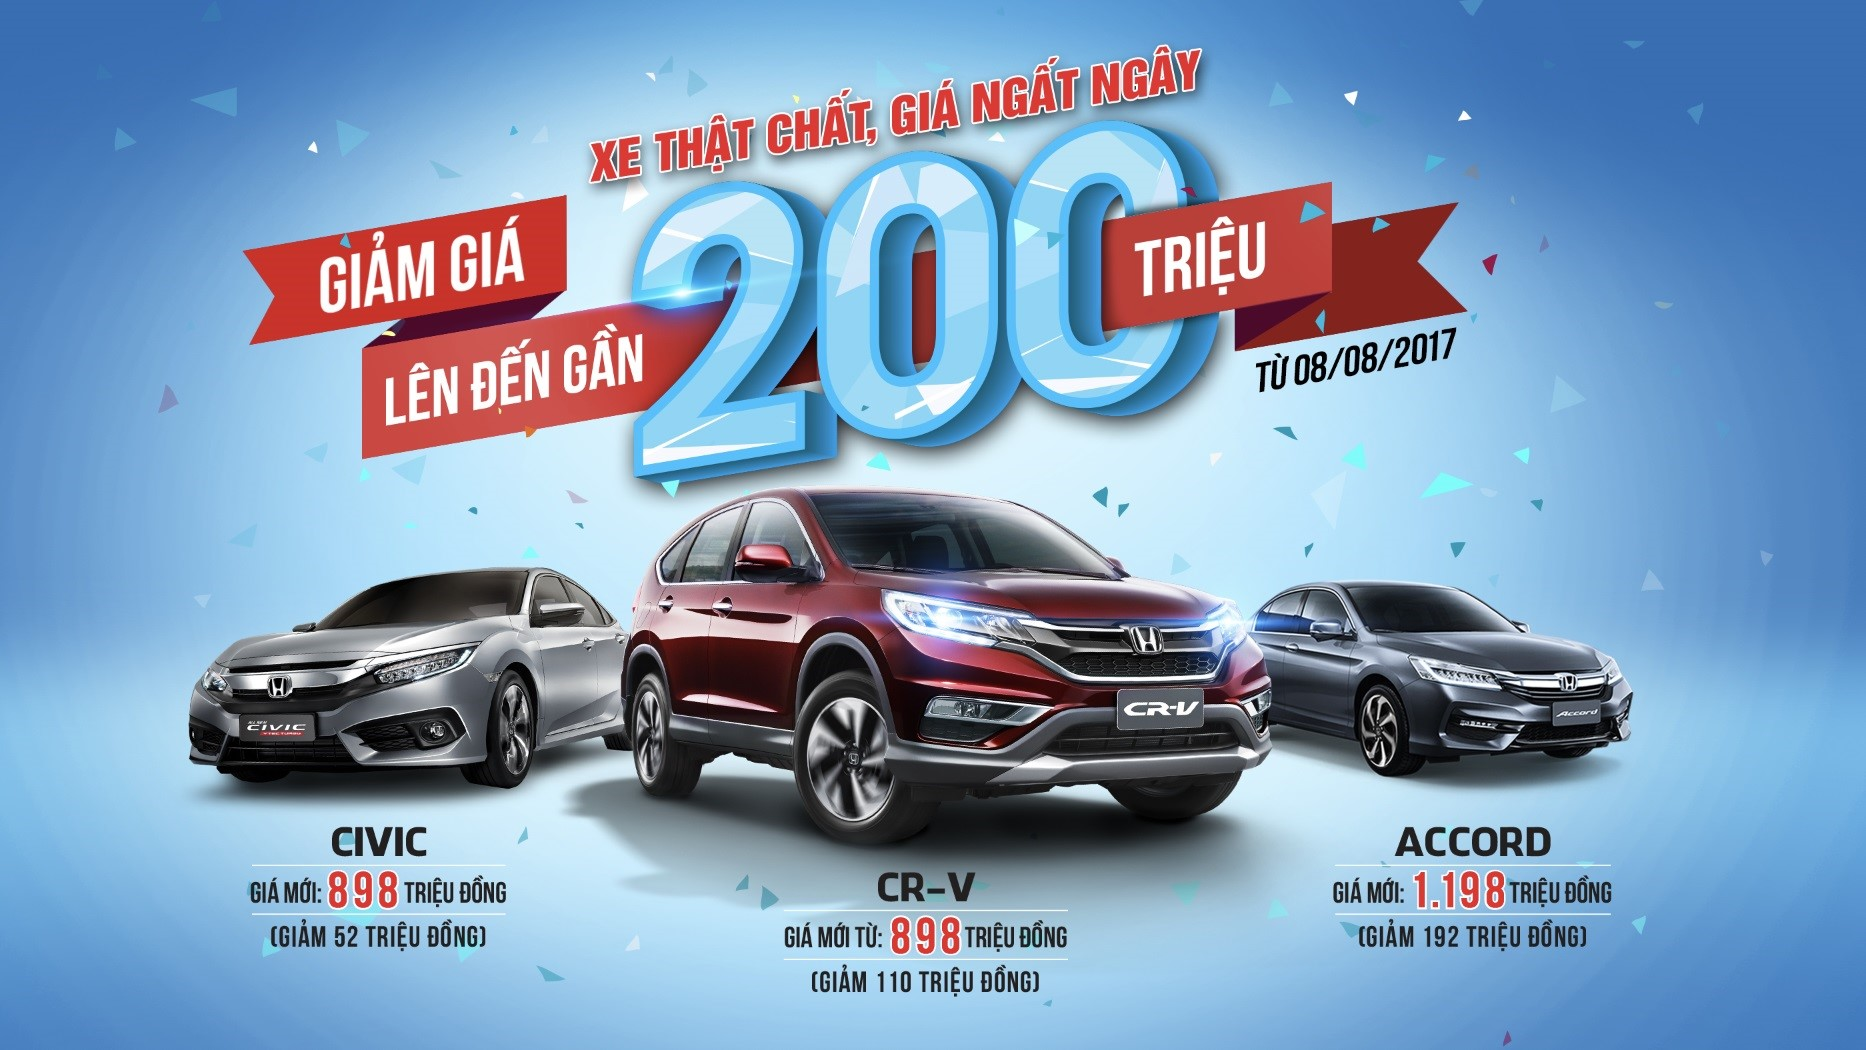 Honda Việt Nam công bố giá mới hấp dẫn cho Honda CR-V, Honda Civic và Honda Accord